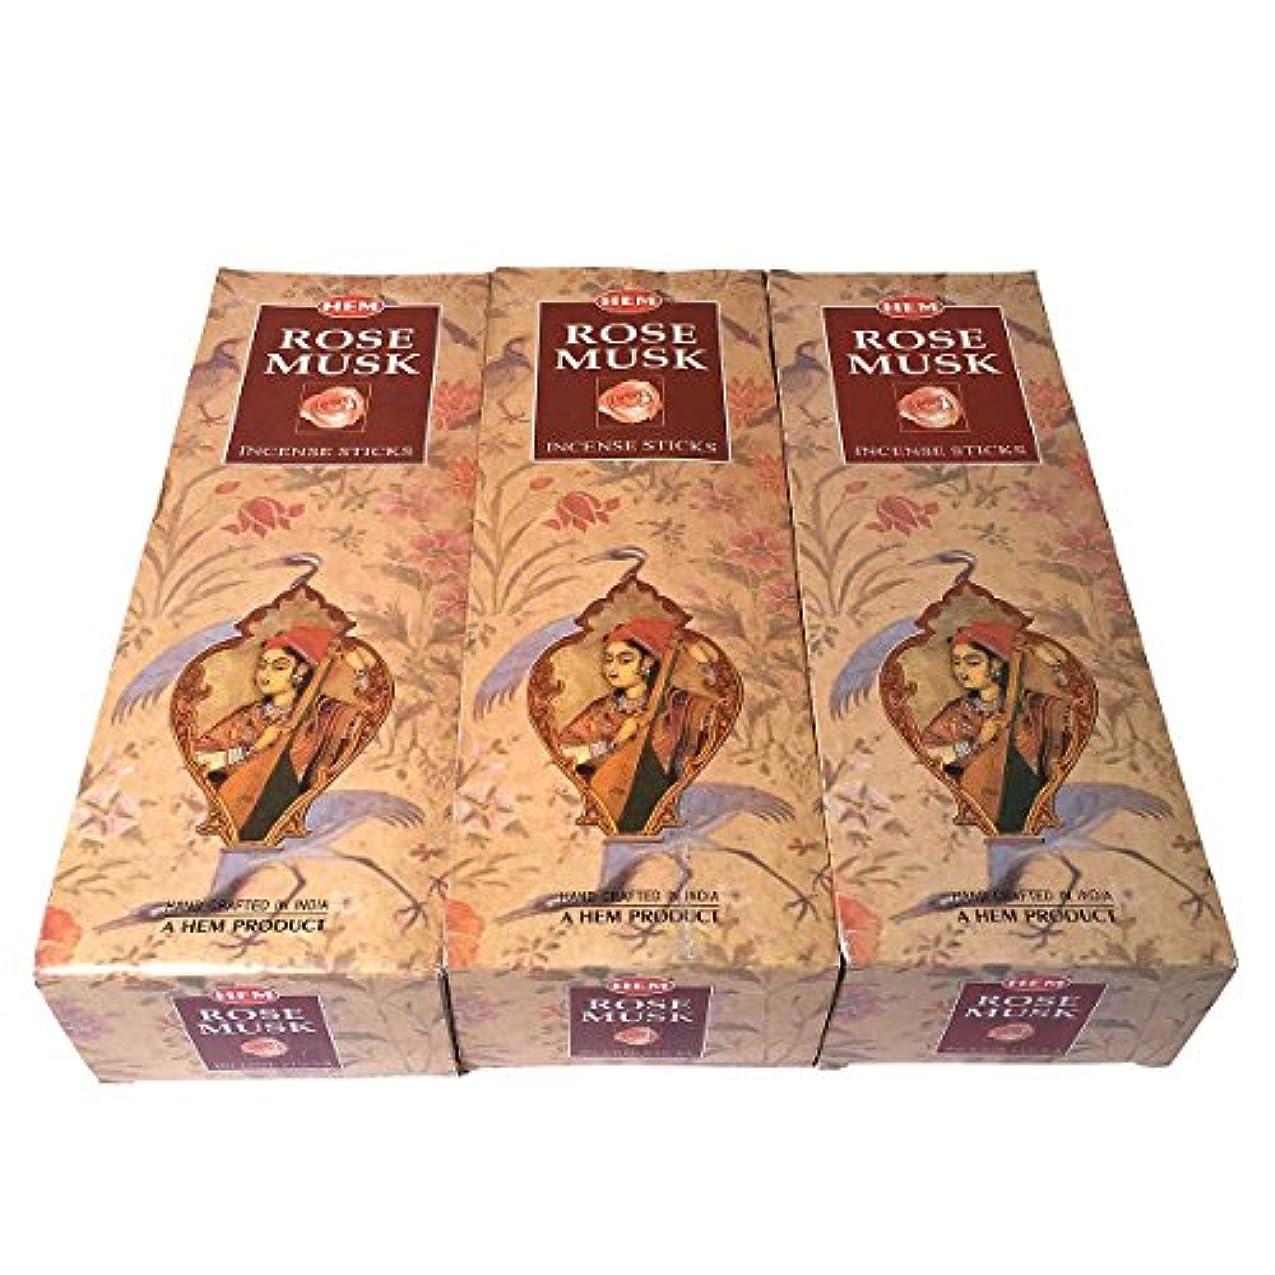 フリース聖人妊娠したローズムスク香スティック 3BOX(18箱) /HEM ROSE MUSK/インセンス/インド香 お香 [並行輸入品]